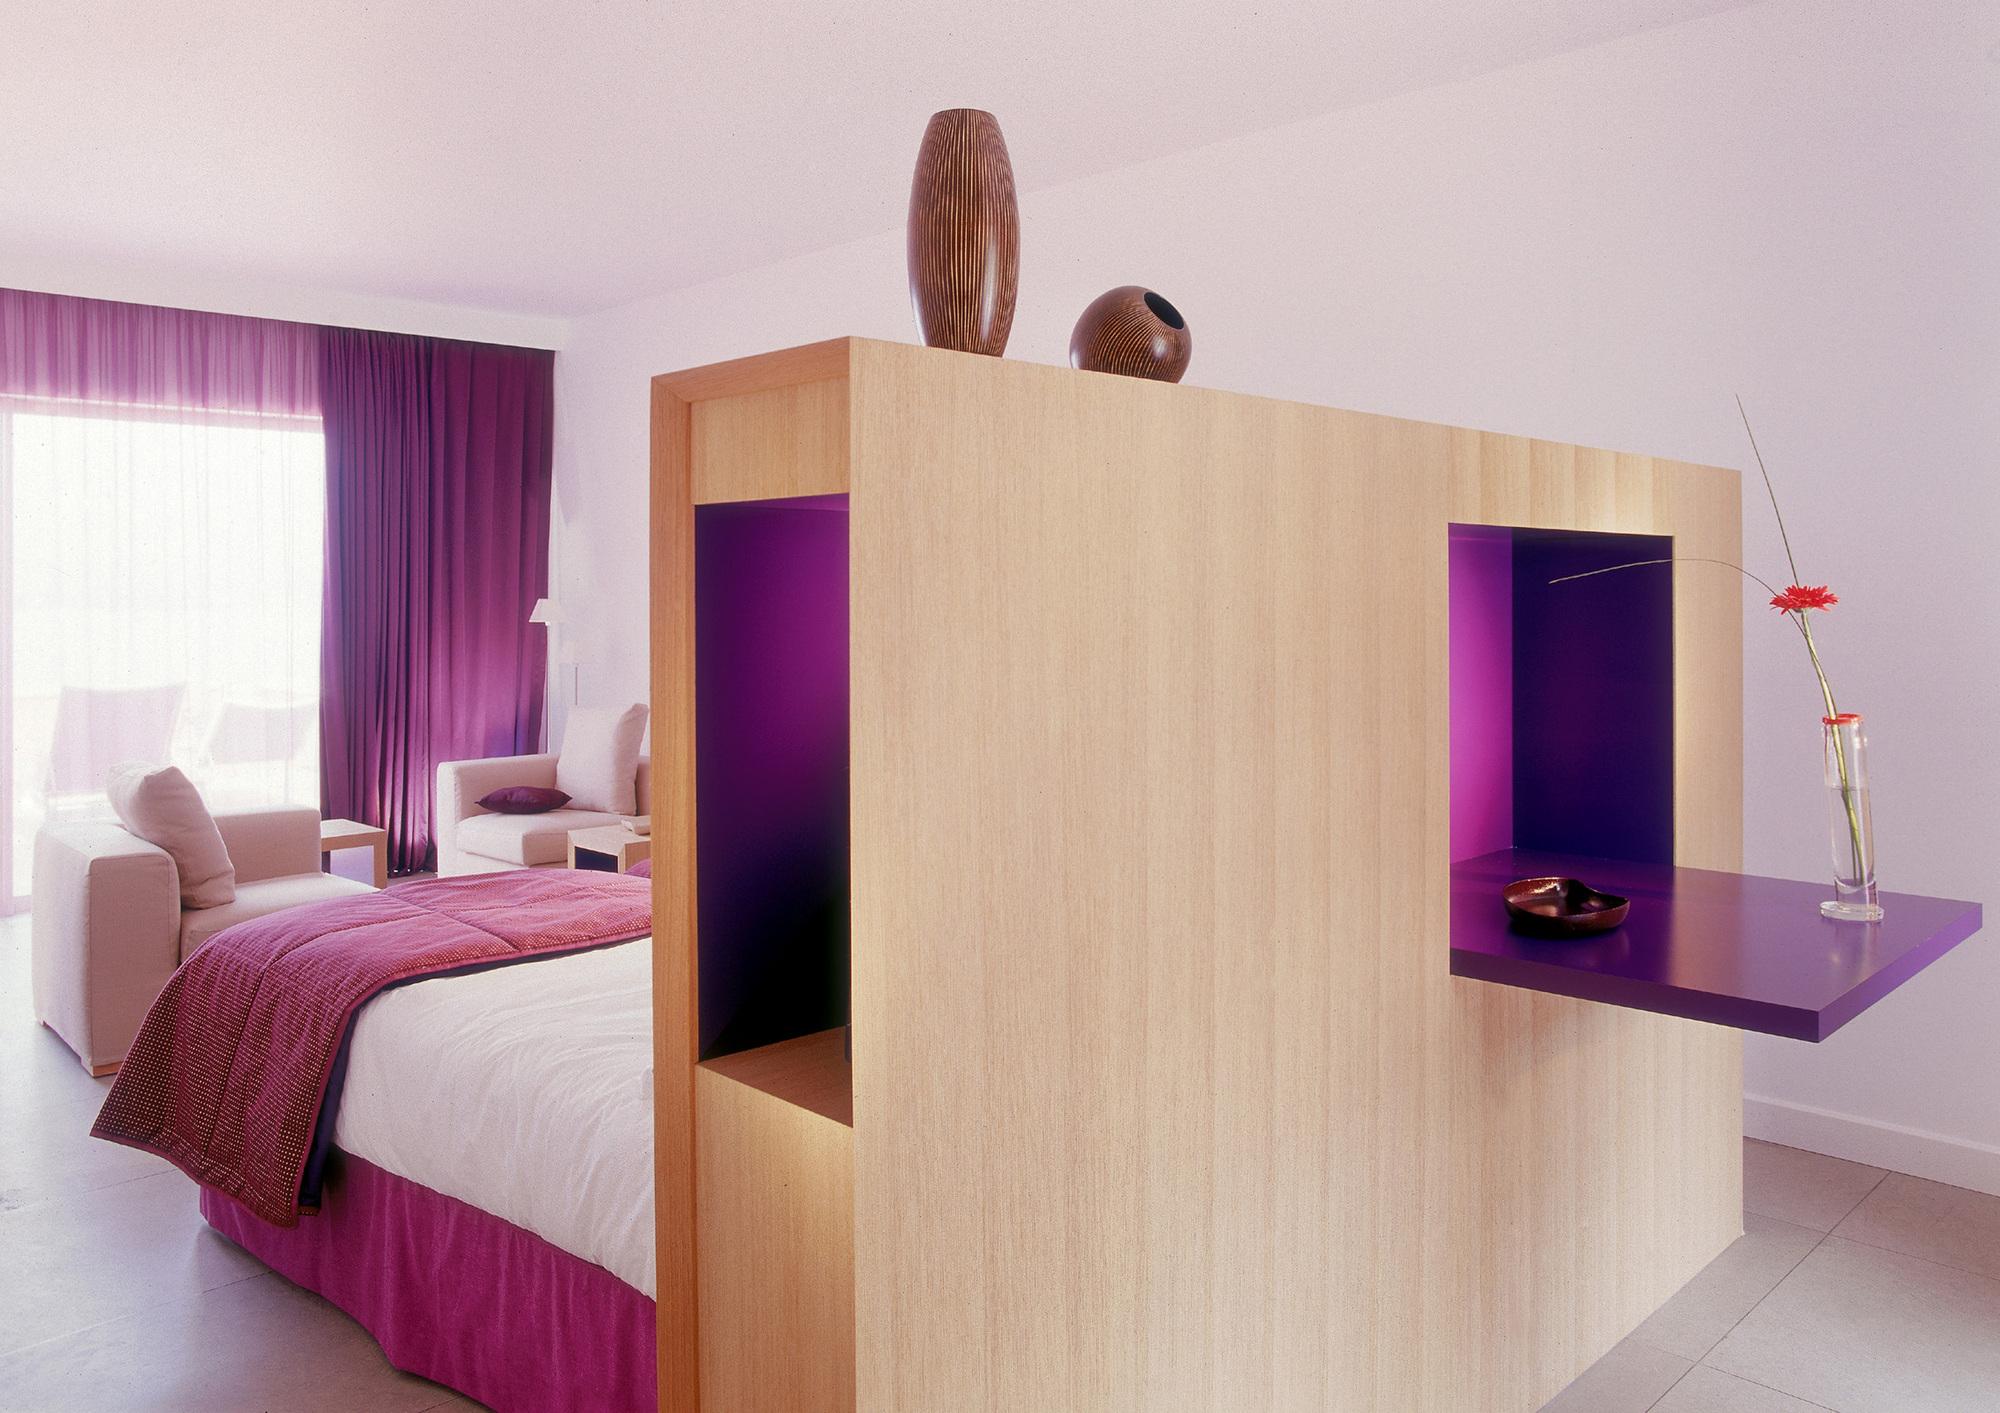 casadelmar-hotel-jean-fran-ois-bodin_chambre_mauve_5